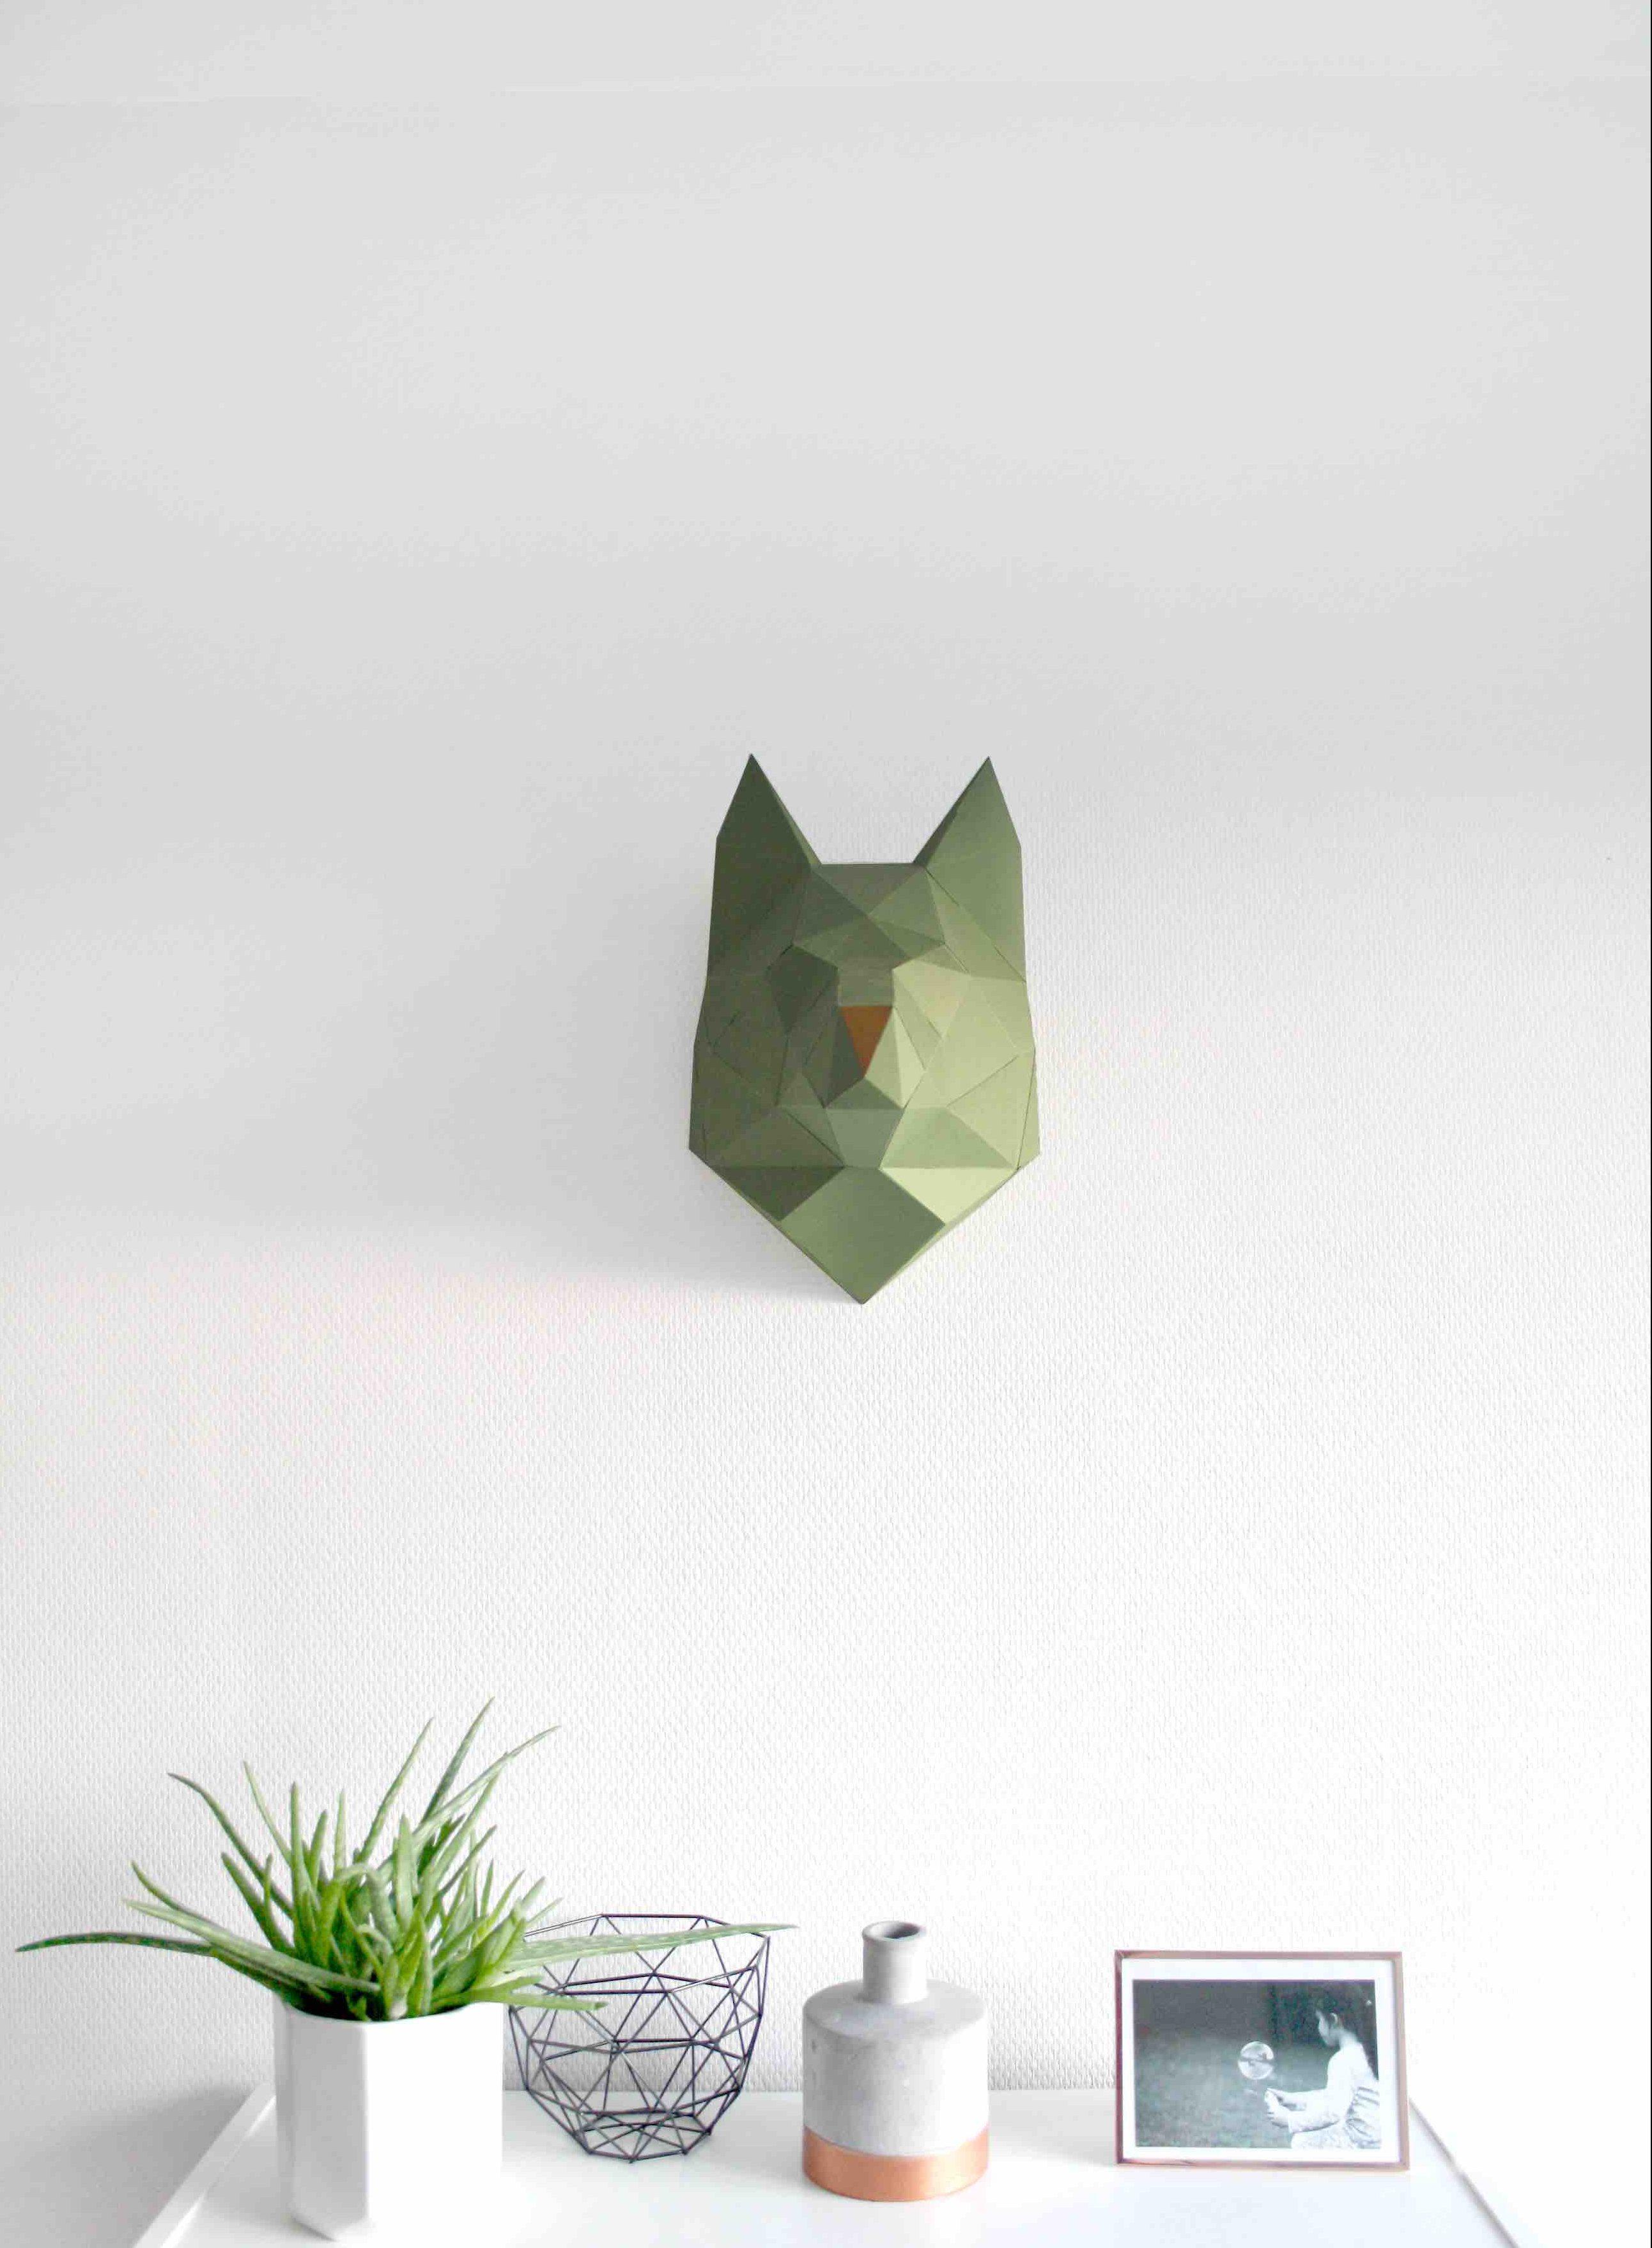 Zoorigamis bestiaire en papier id le magazine - Applique murale papier ...